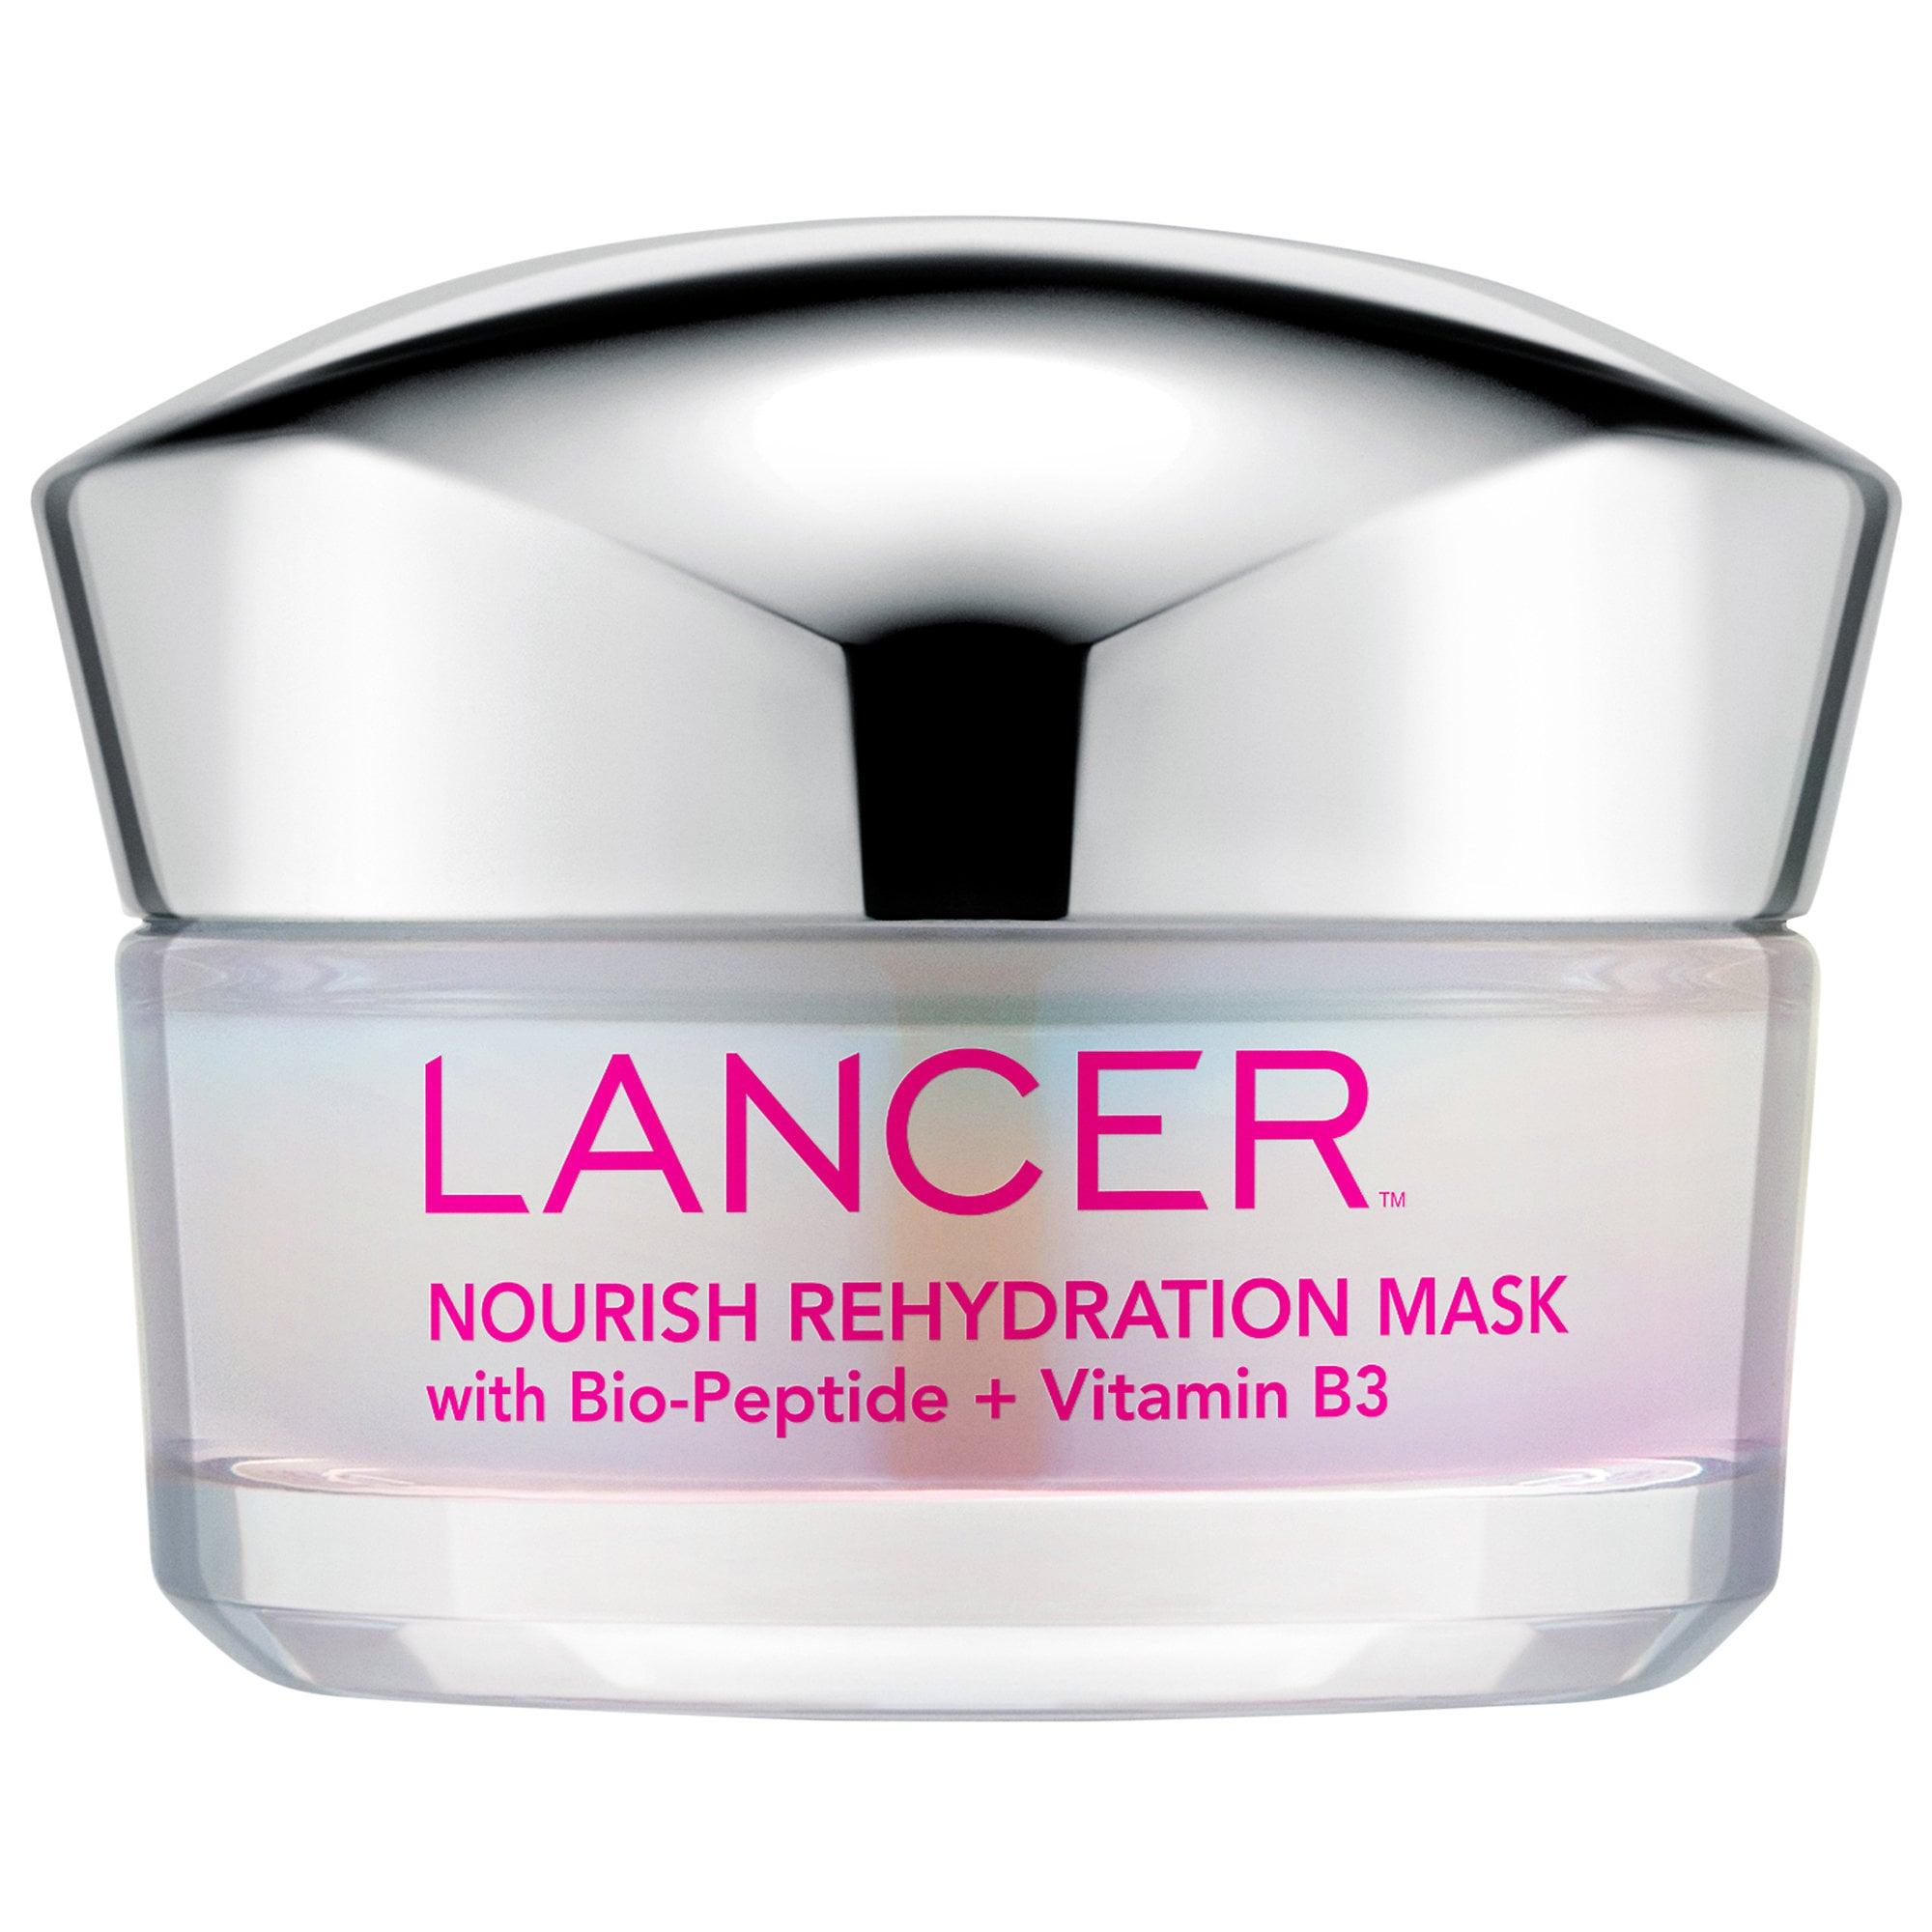 LANCER Skincare Nourish Rehydration Mask 1.7 oz/ 50 mL